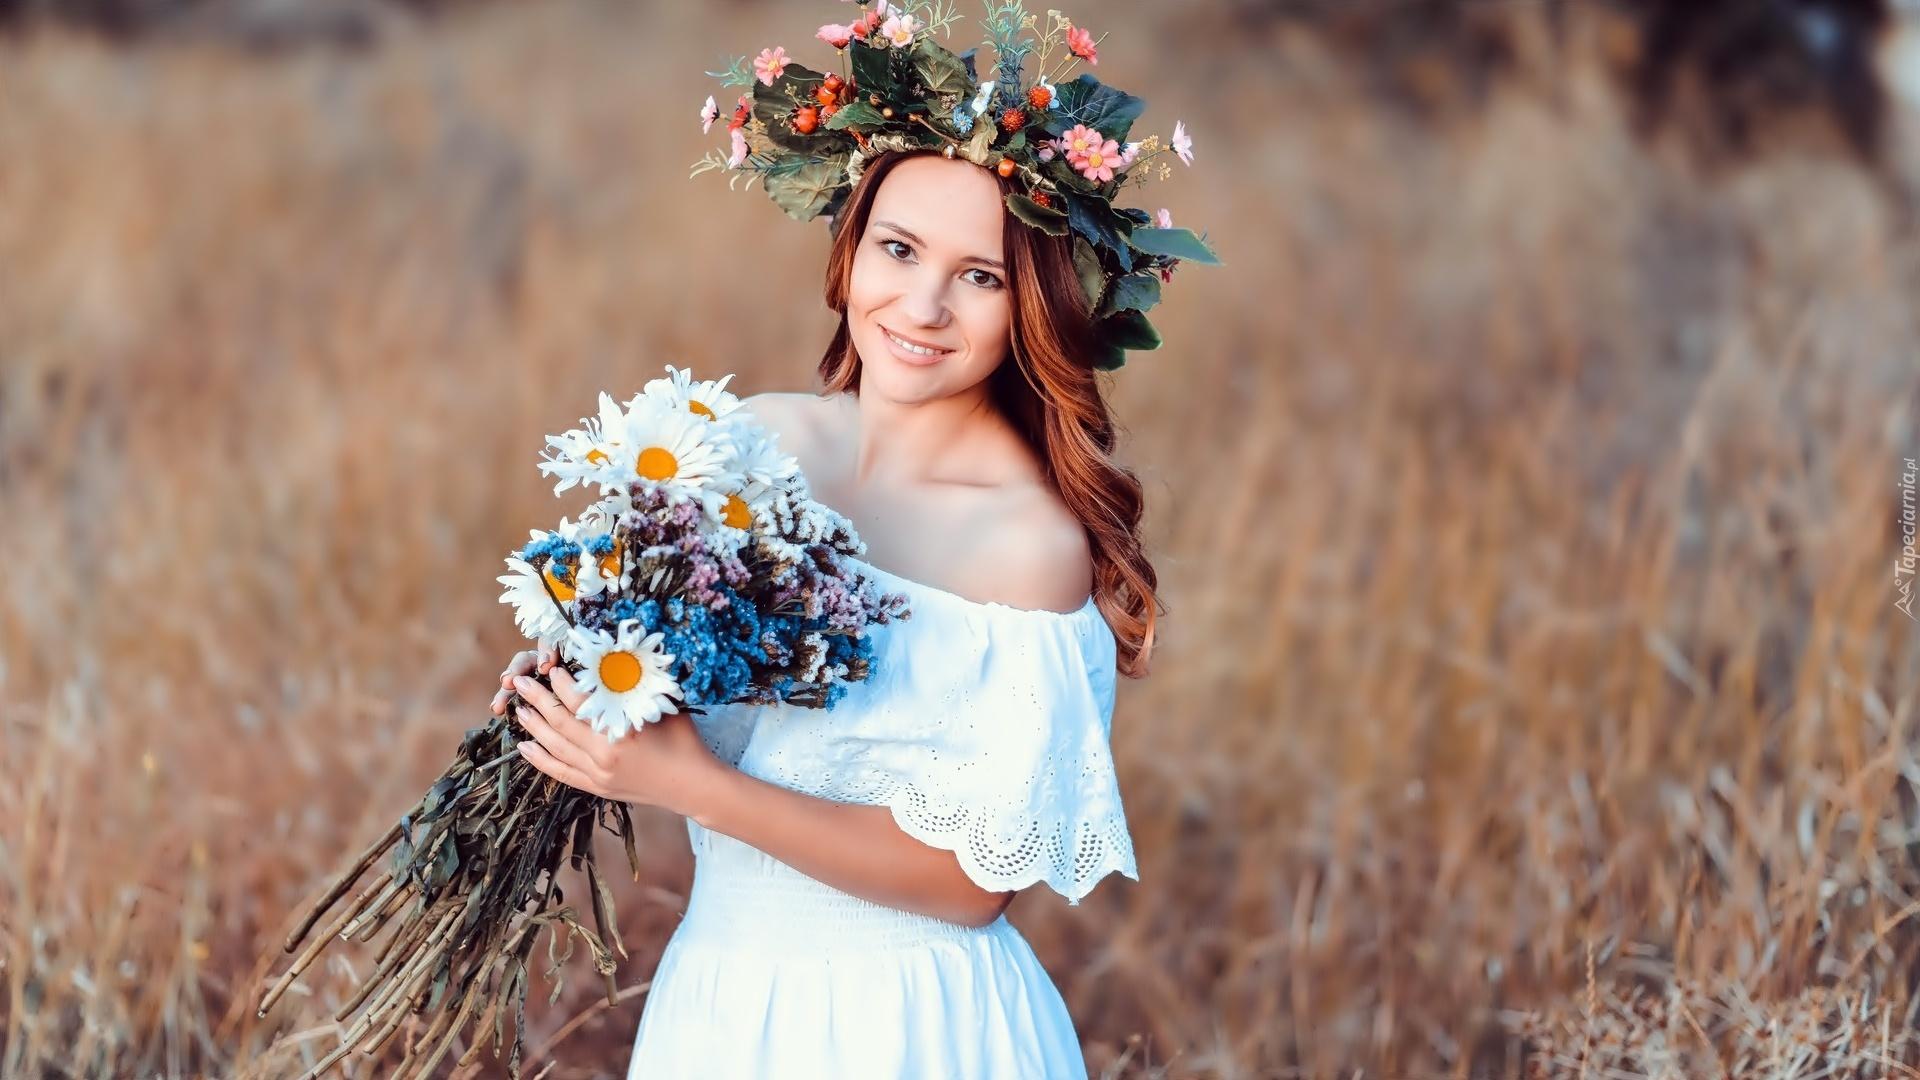 Dziewczyna z bukietem polnych kwiatów na łące